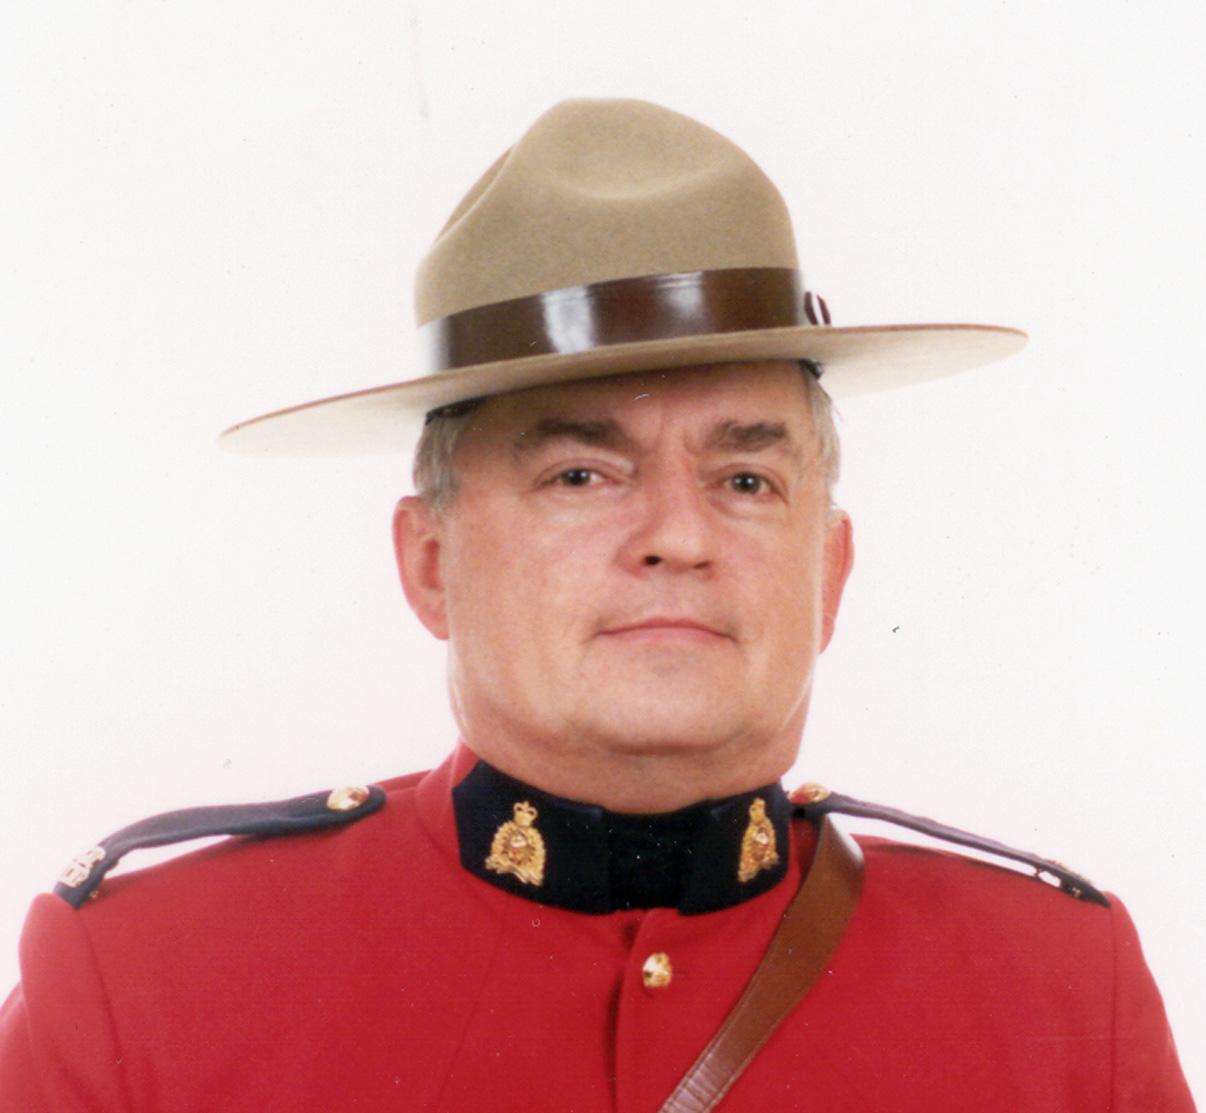 Sergent Derek Cameron Burkholder – © Sa Majesté la Reine du chef du Canada représentée par la Gendarmerie royale du Canada